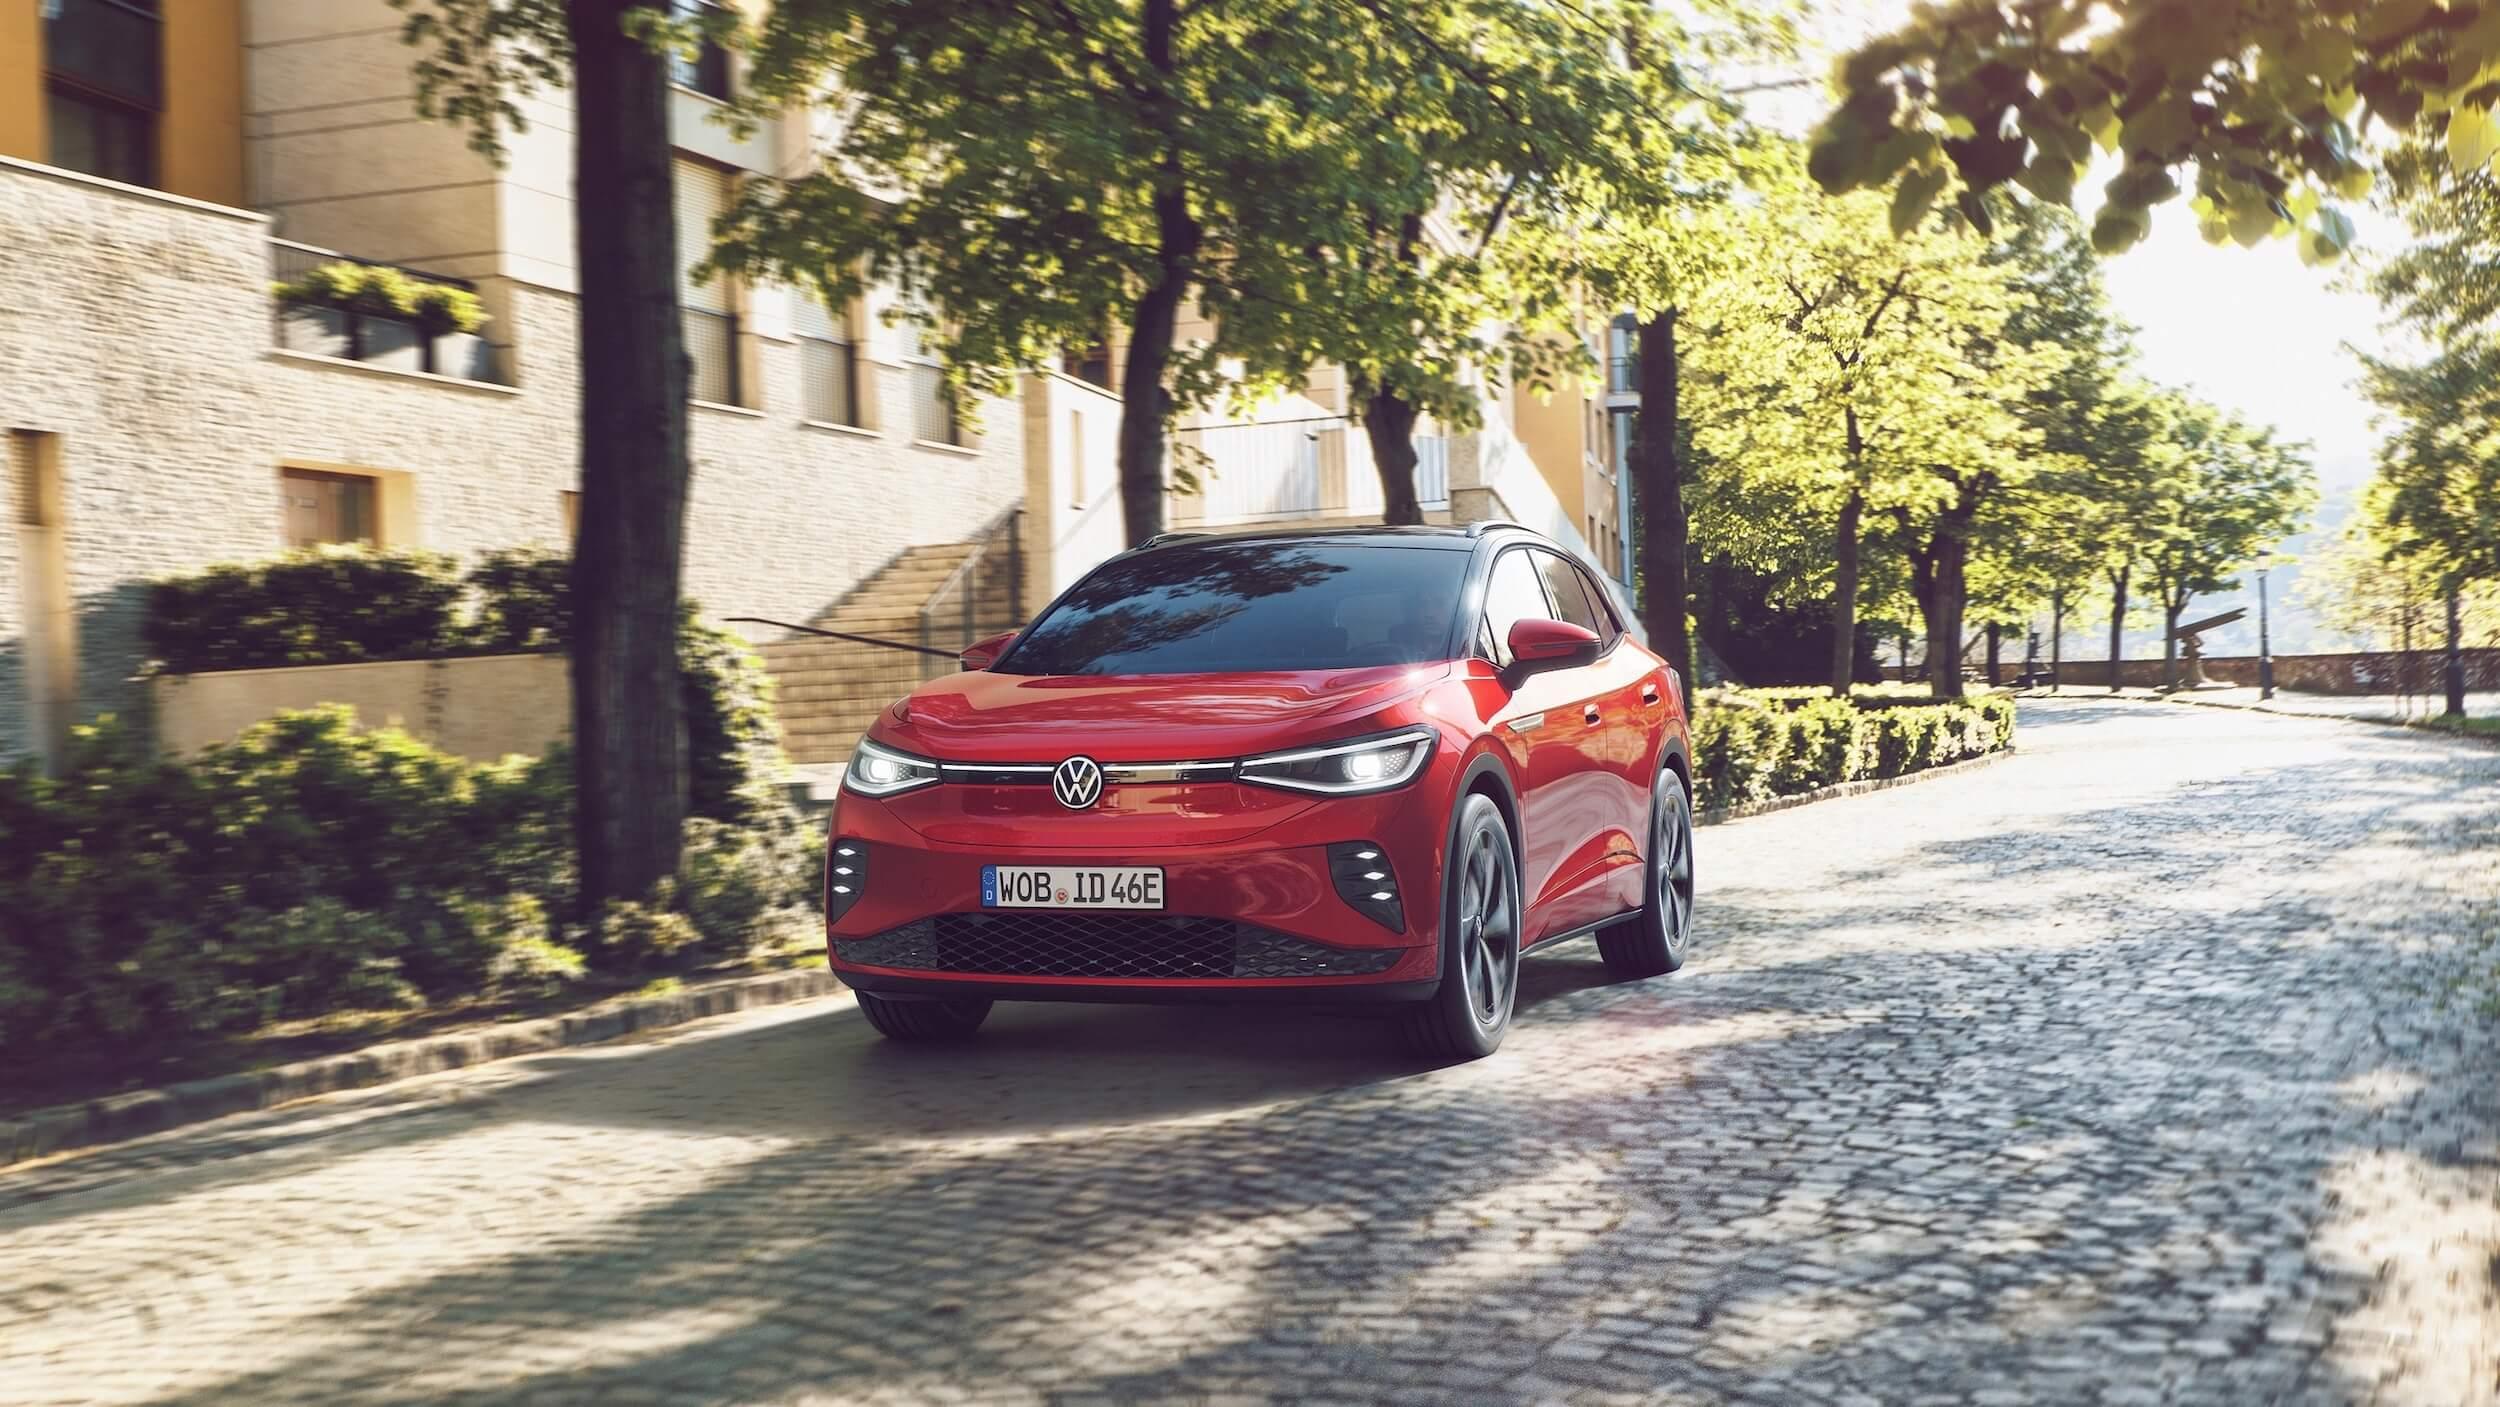 VW ID.4 rood